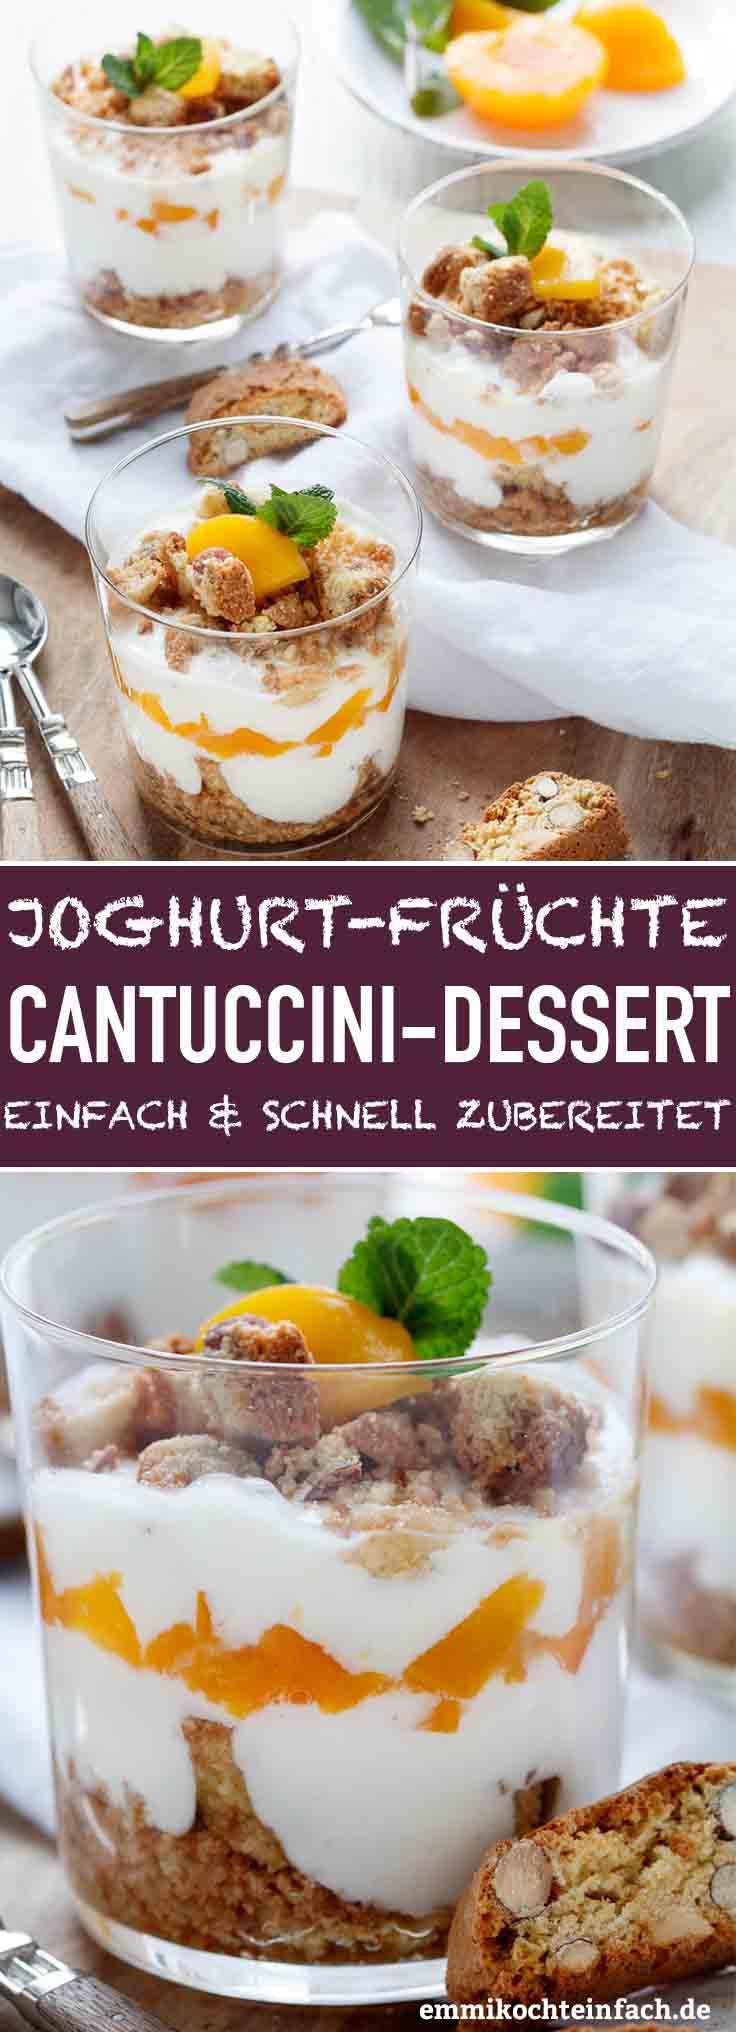 Joghurt-Cantuccini-Dessert mit Pfirsichen - www.emmikochteinfach.de